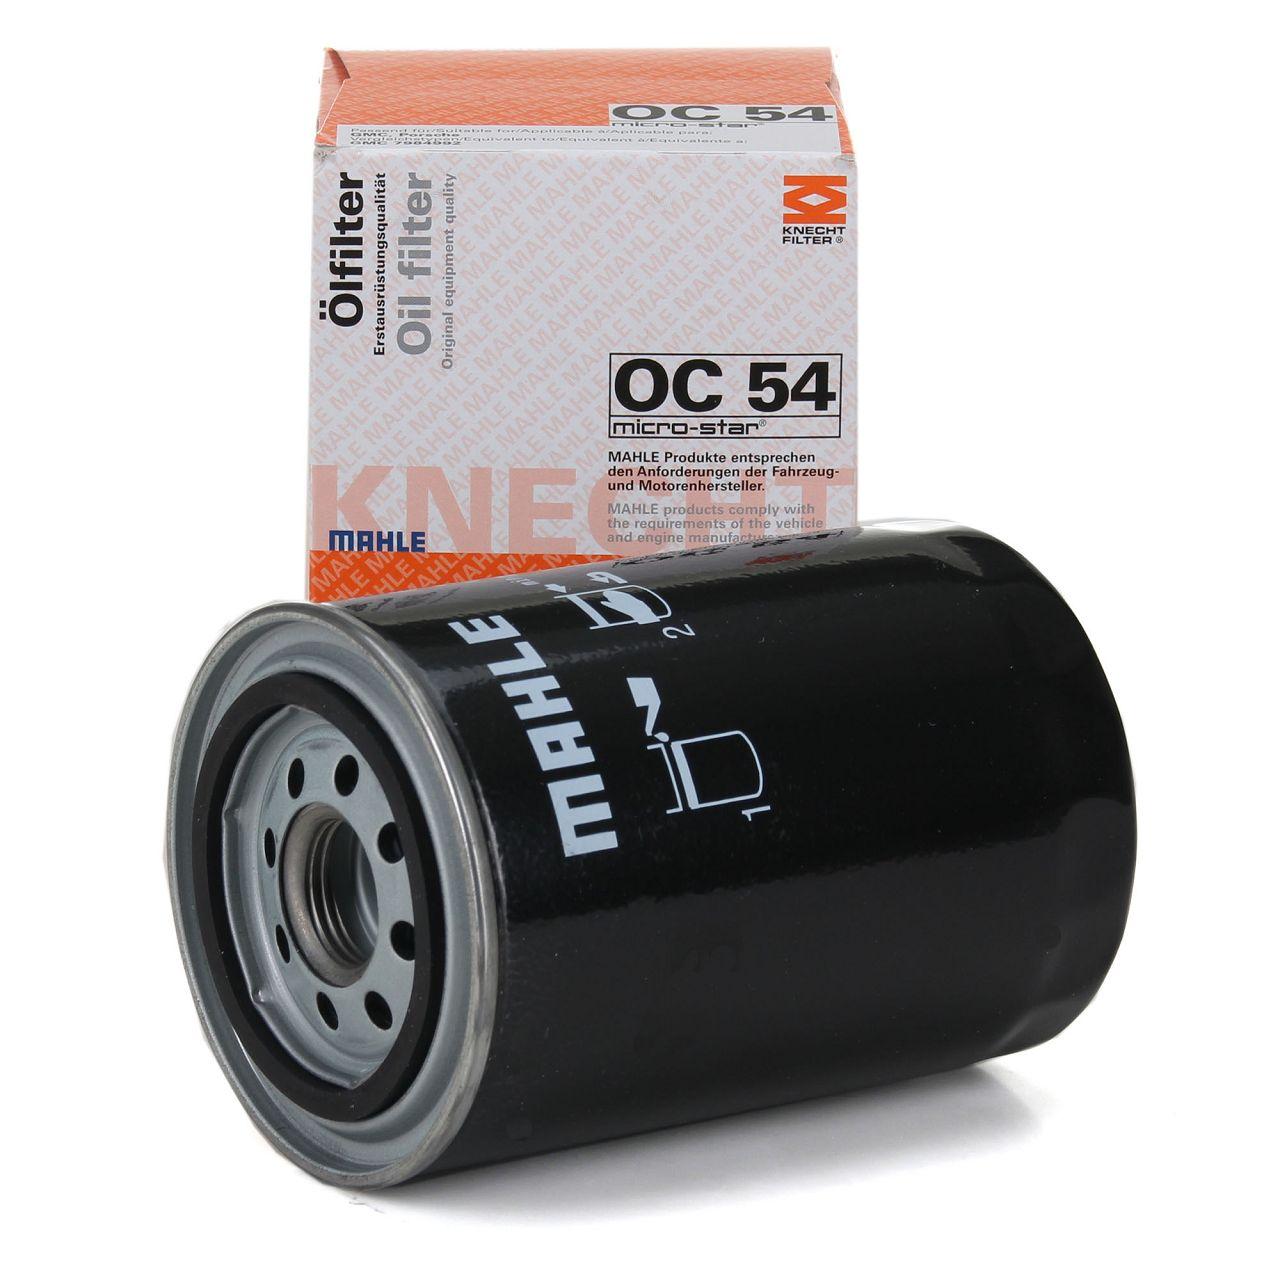 KNECHT / MAHLE OC54 Ölfilter für BMW M1 E26 3.5 + PORSCHE 911 + 959 + 911 (964)